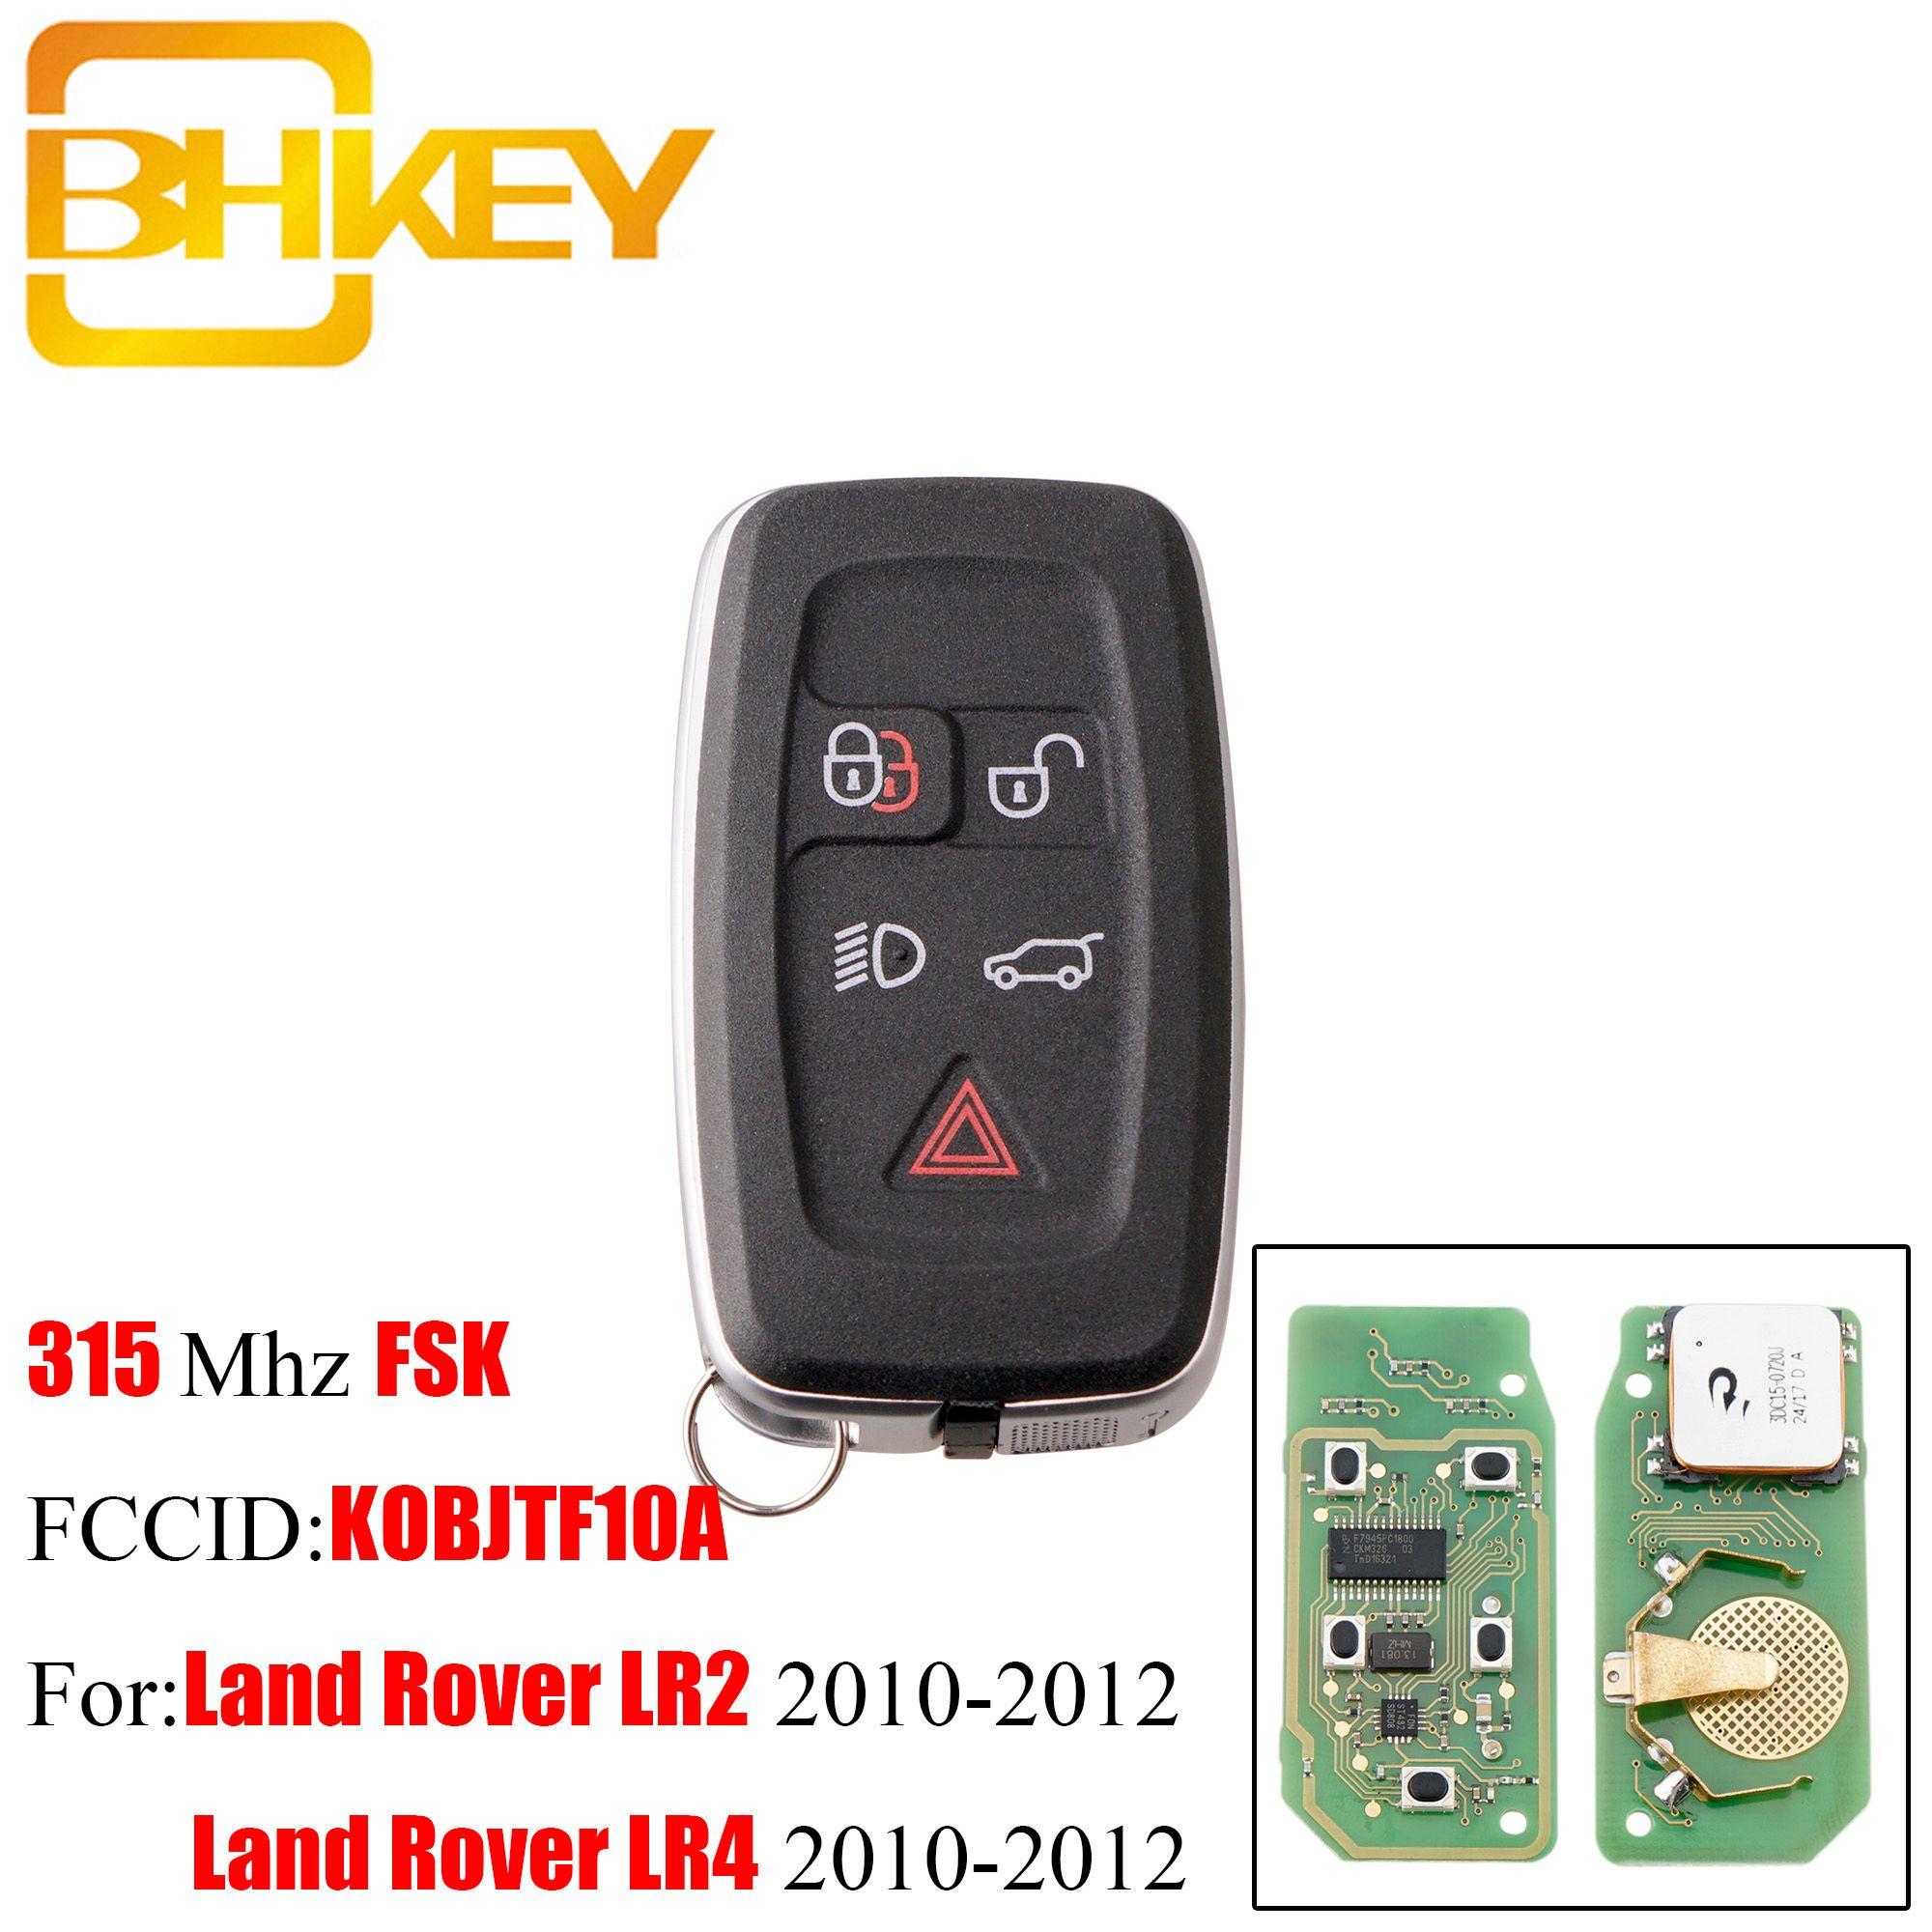 BHKEY 315 Mhz 433 Mhz 5 Tasten Remote key Fob Für Land Rover LR4 Range Rover Evoque Sport KOBJTF10A Original fernbedienung schlüssel